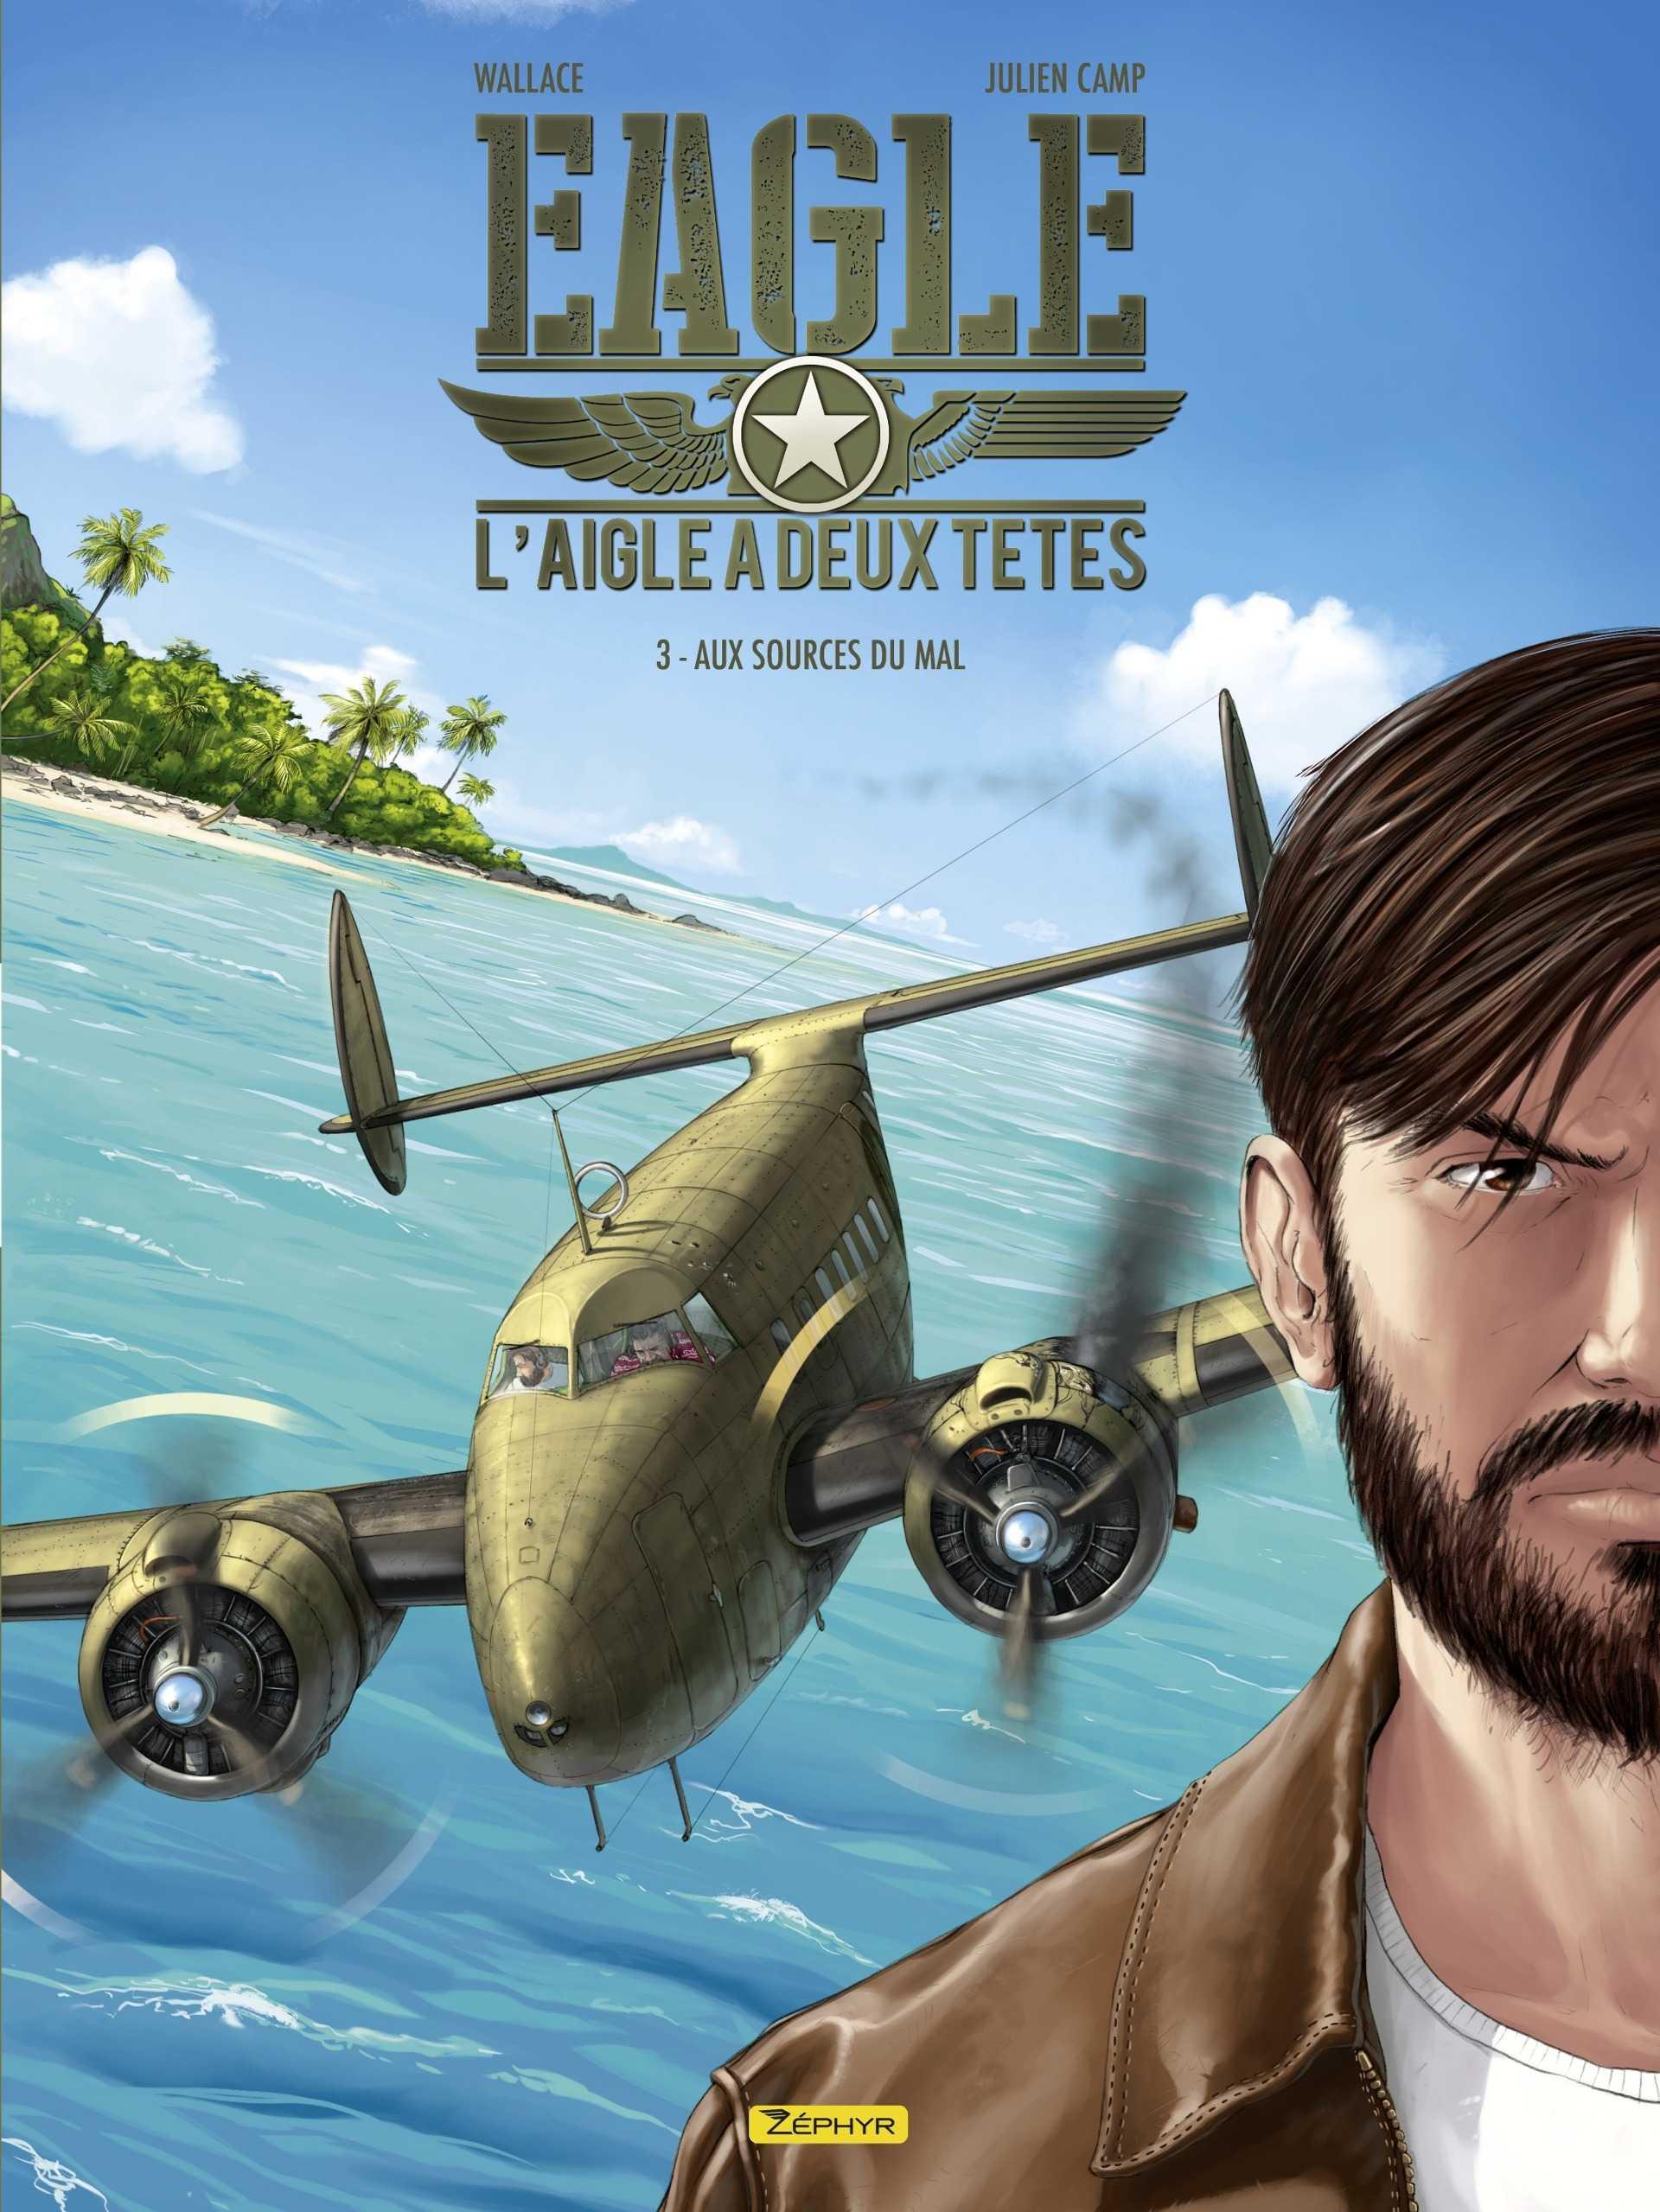 Eagle-Adler, série d'aviation pour des pilotes devenus jumeaux malgré eux